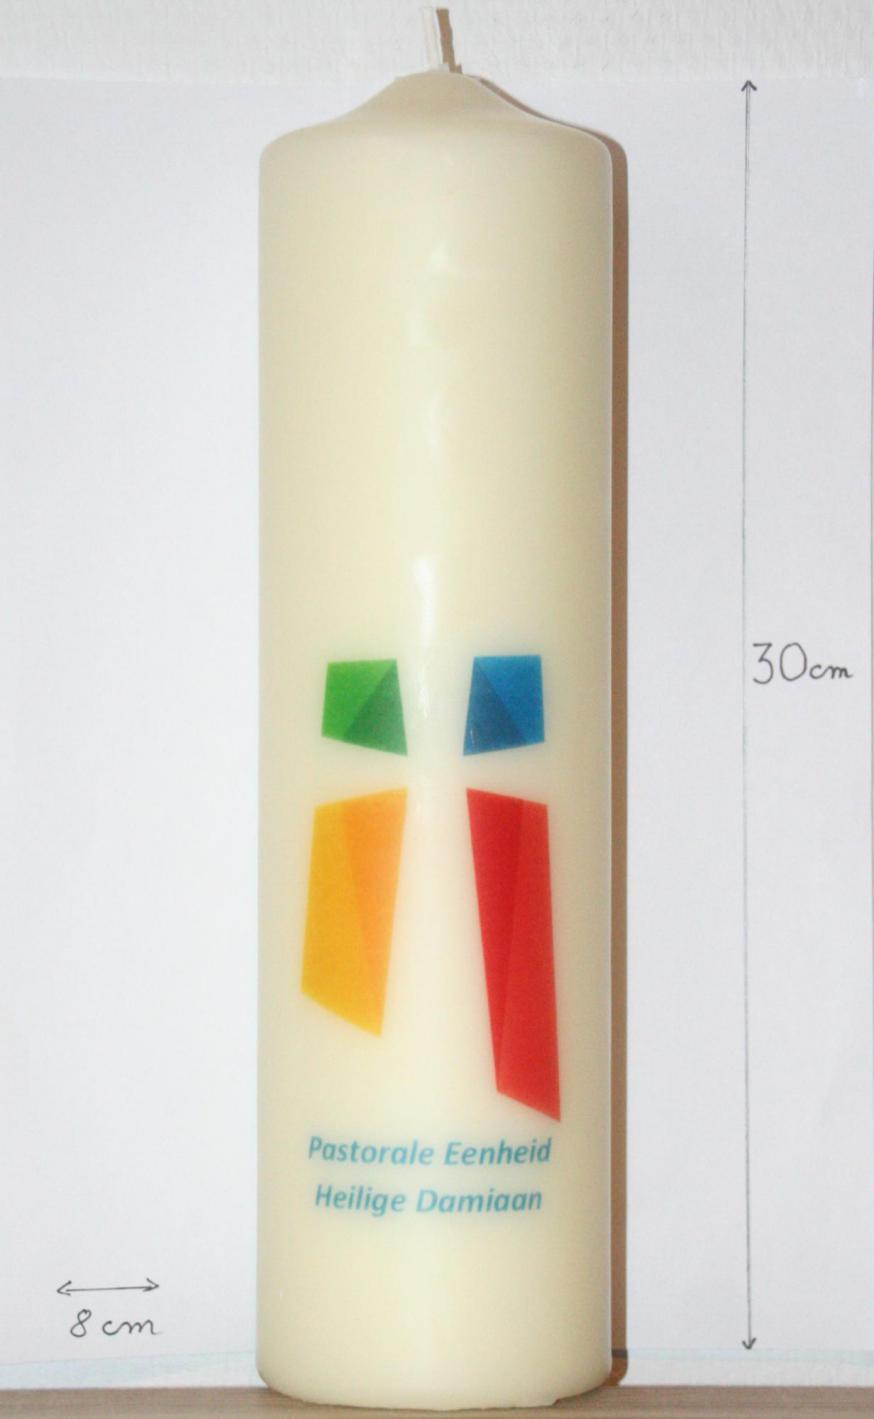 kaarsen met logo PE H. Damiaan gemaakt bij Sente & Van Bael © Luc Beeldens